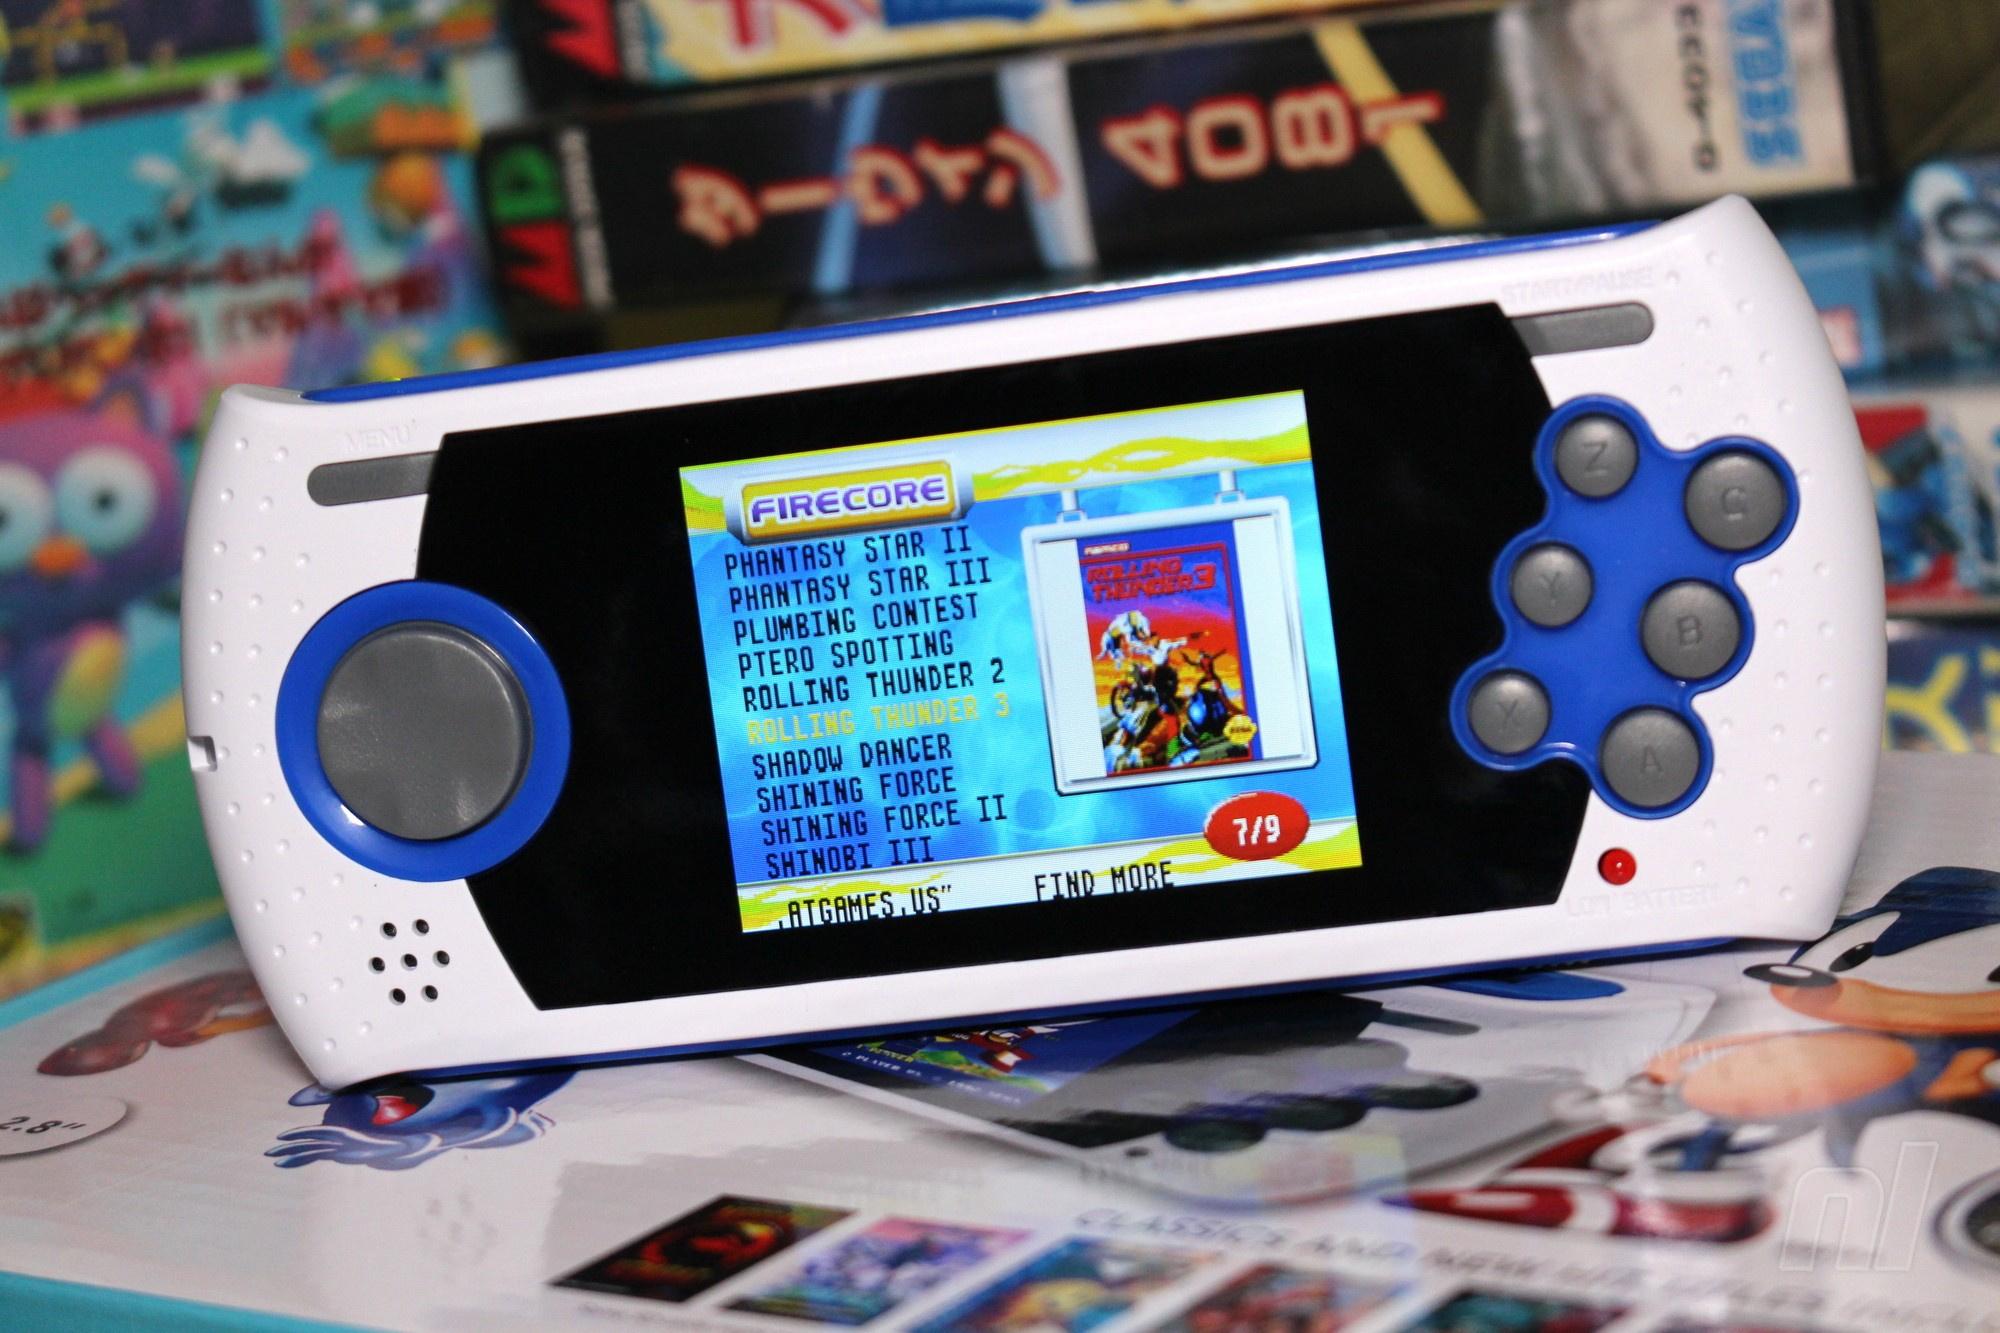 Hardware Review: Sega's Heritage Deserves Better Than The